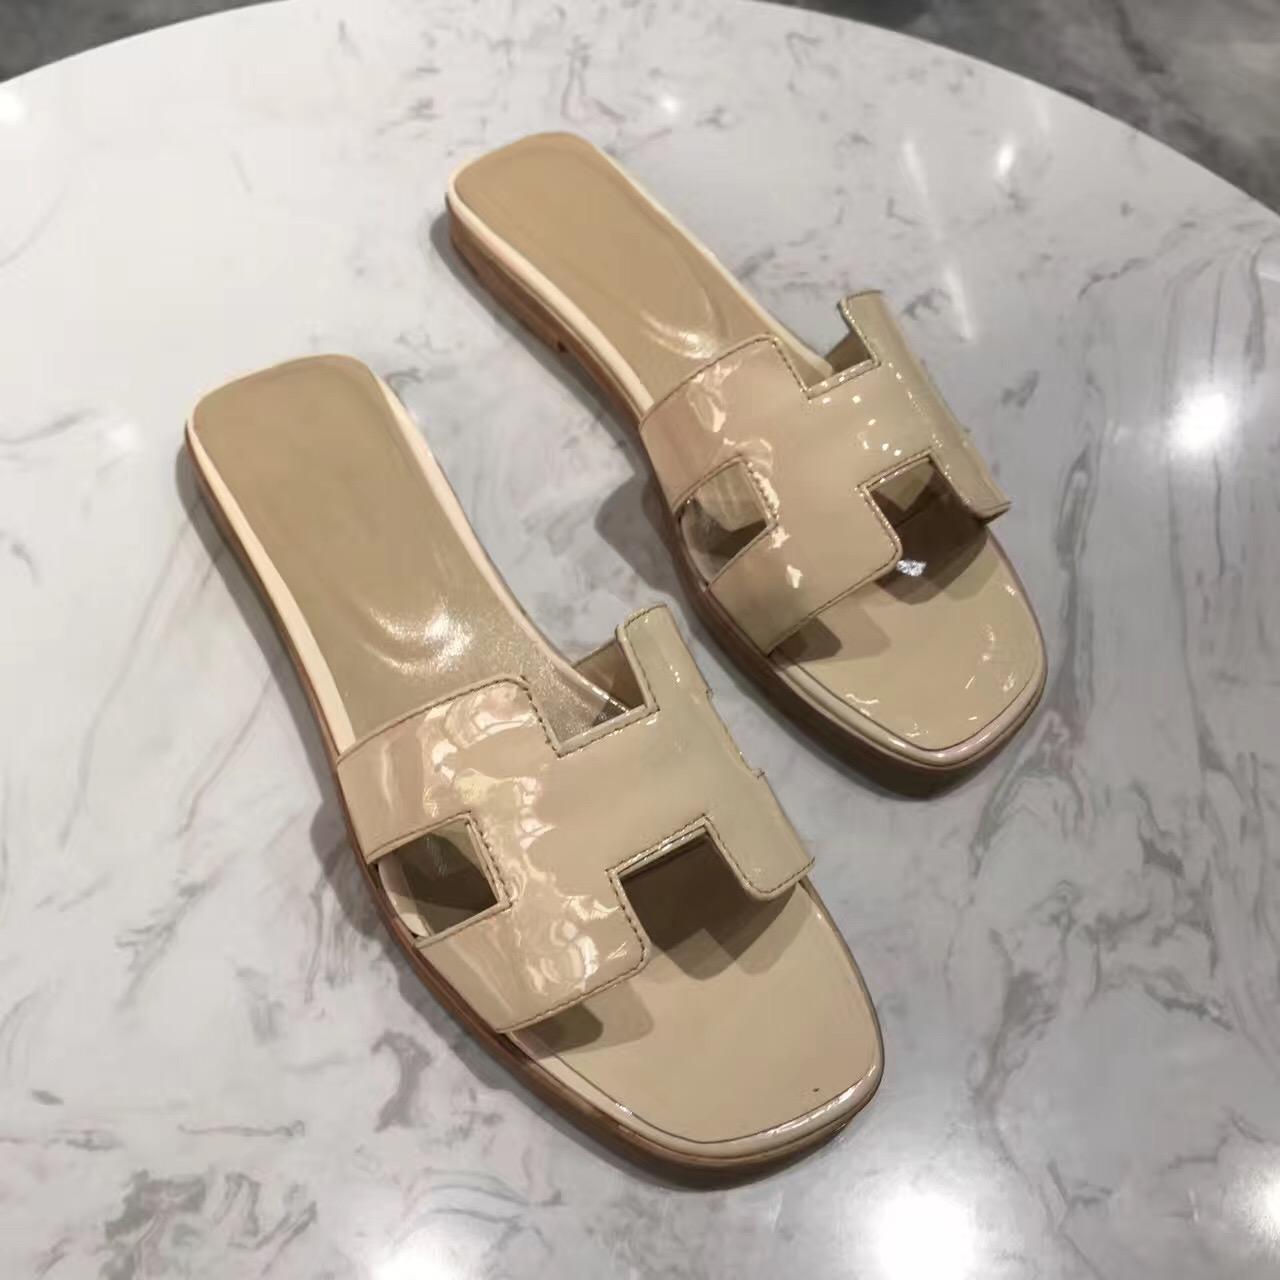 Christian Louboutin 11cm sandals heels paint shoes best